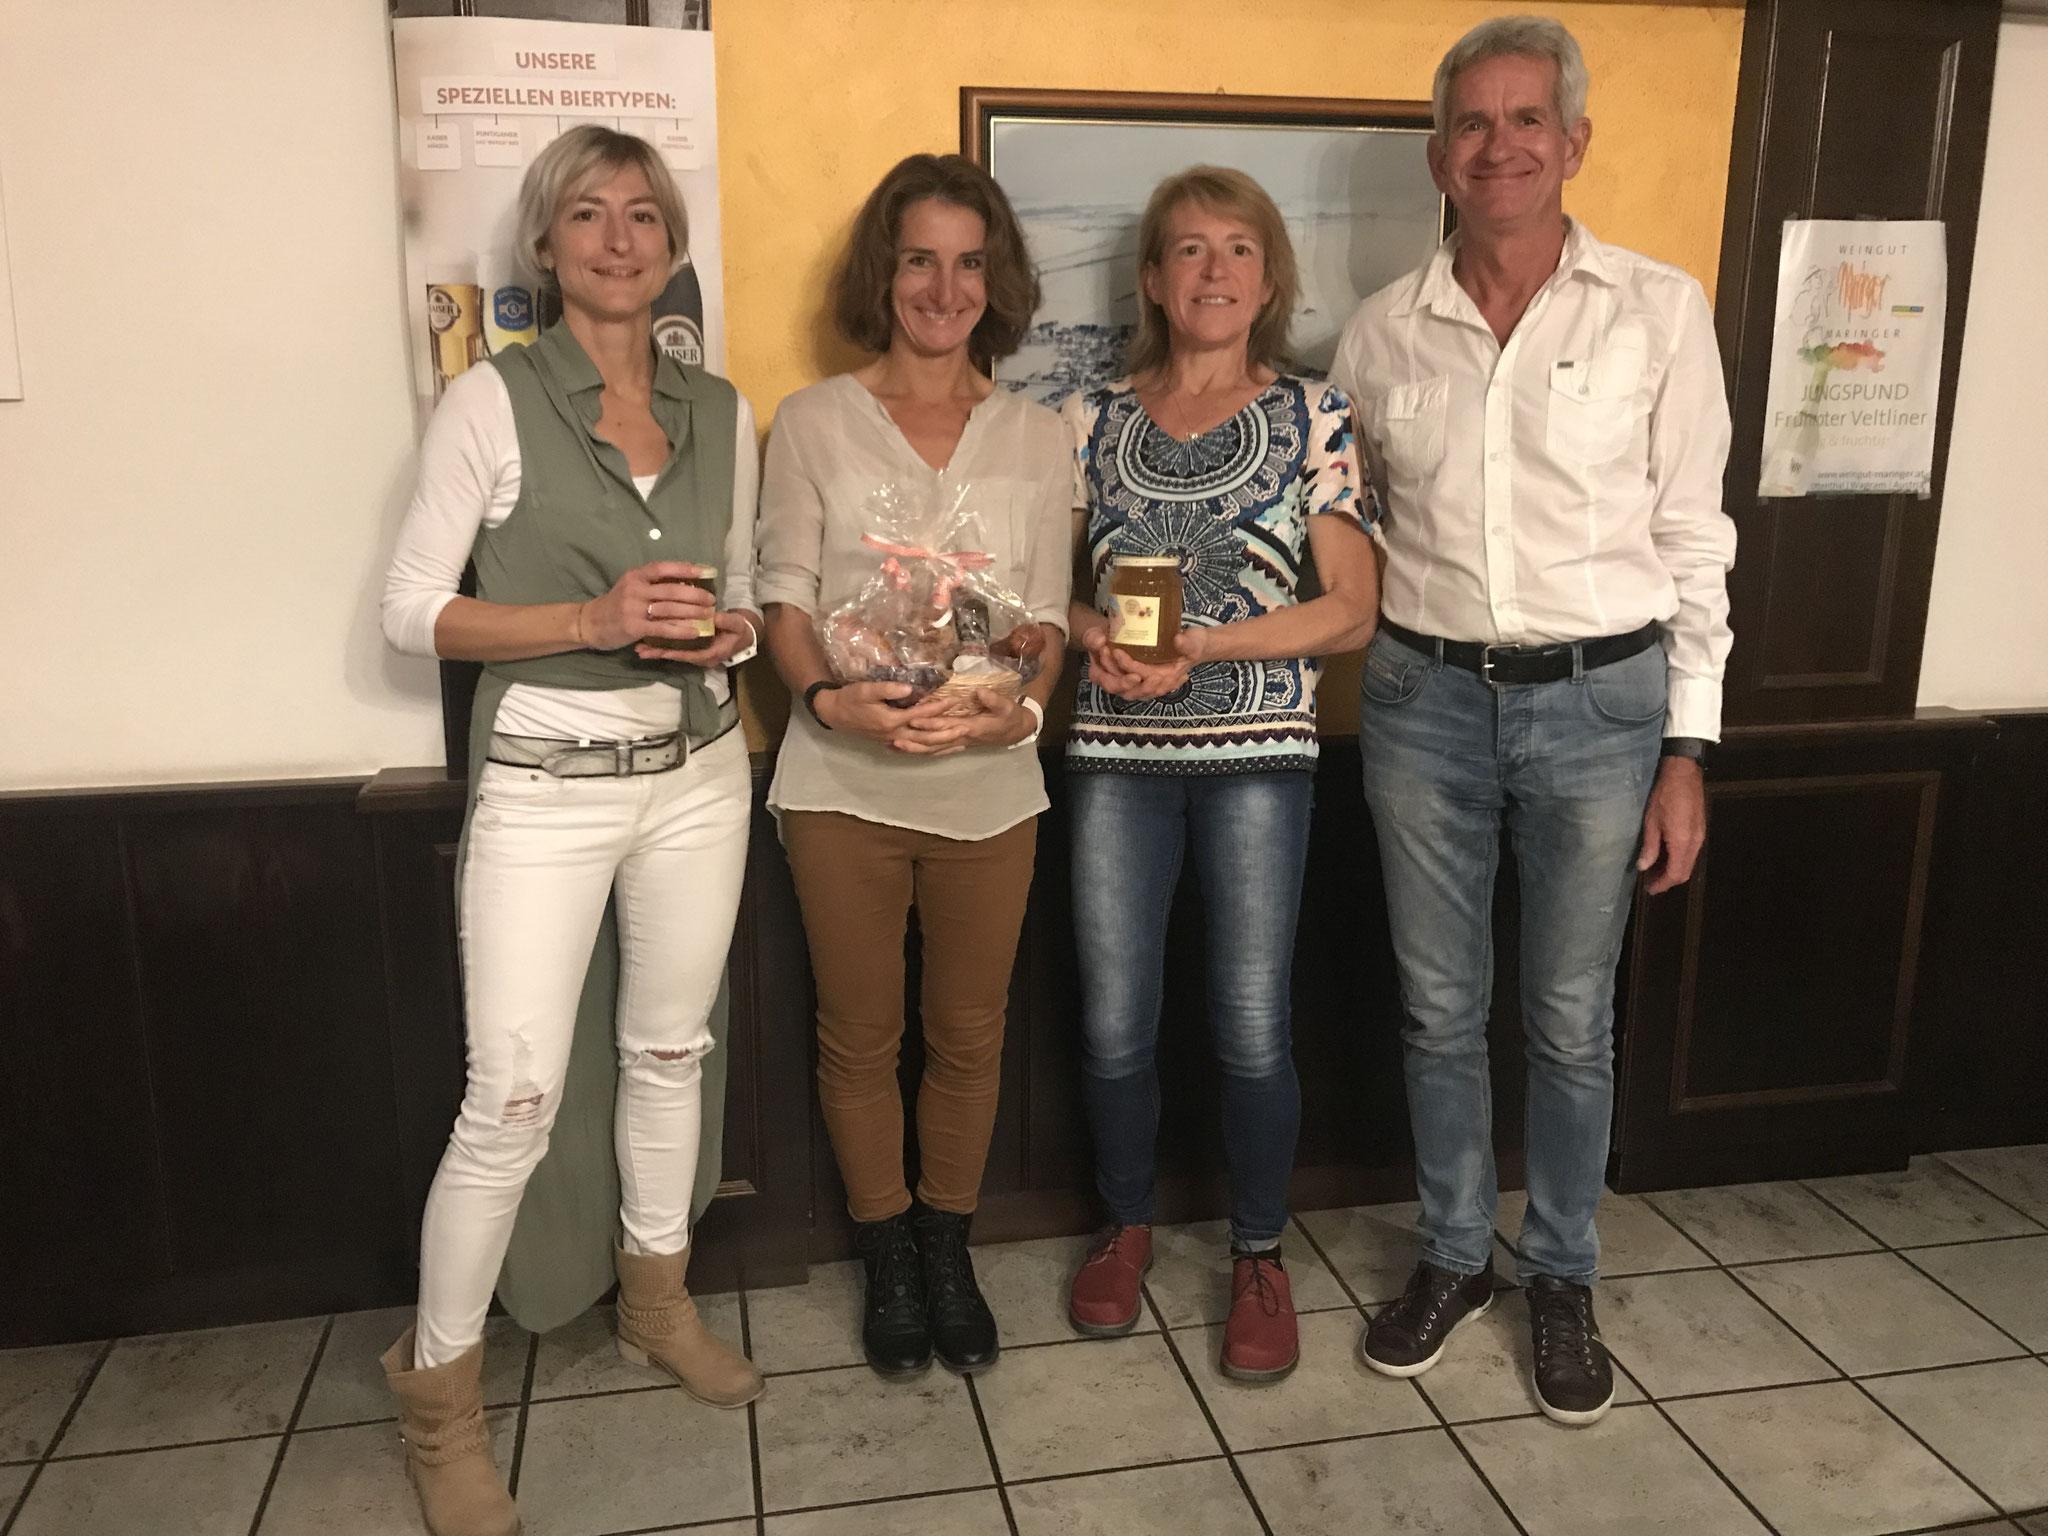 Gratulation an Daniela, Leopoldine & Birgit!